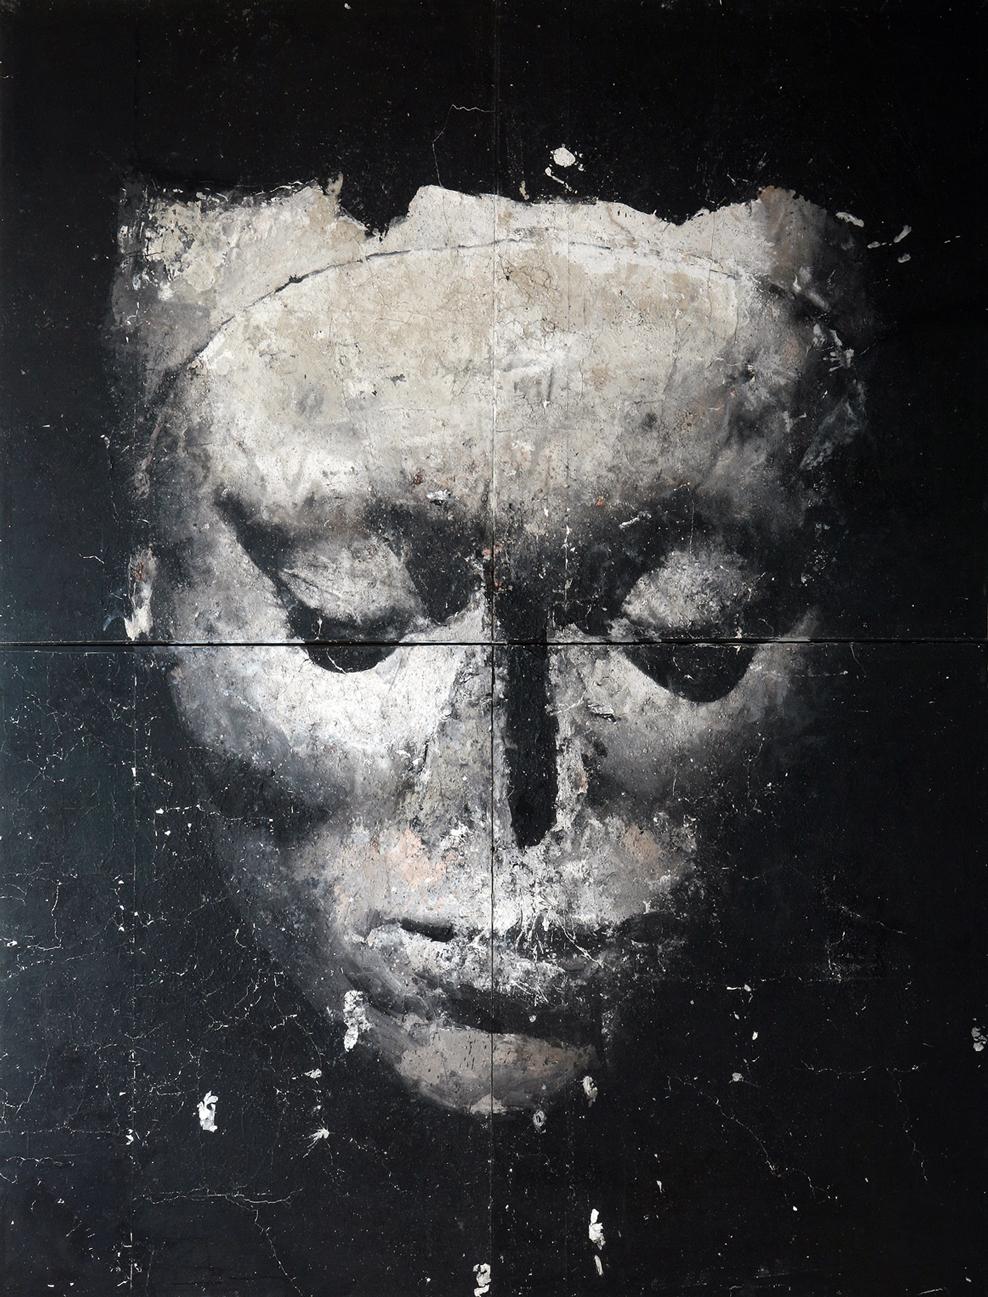 Cavea, tecnica mista su tela, 450x350 cm